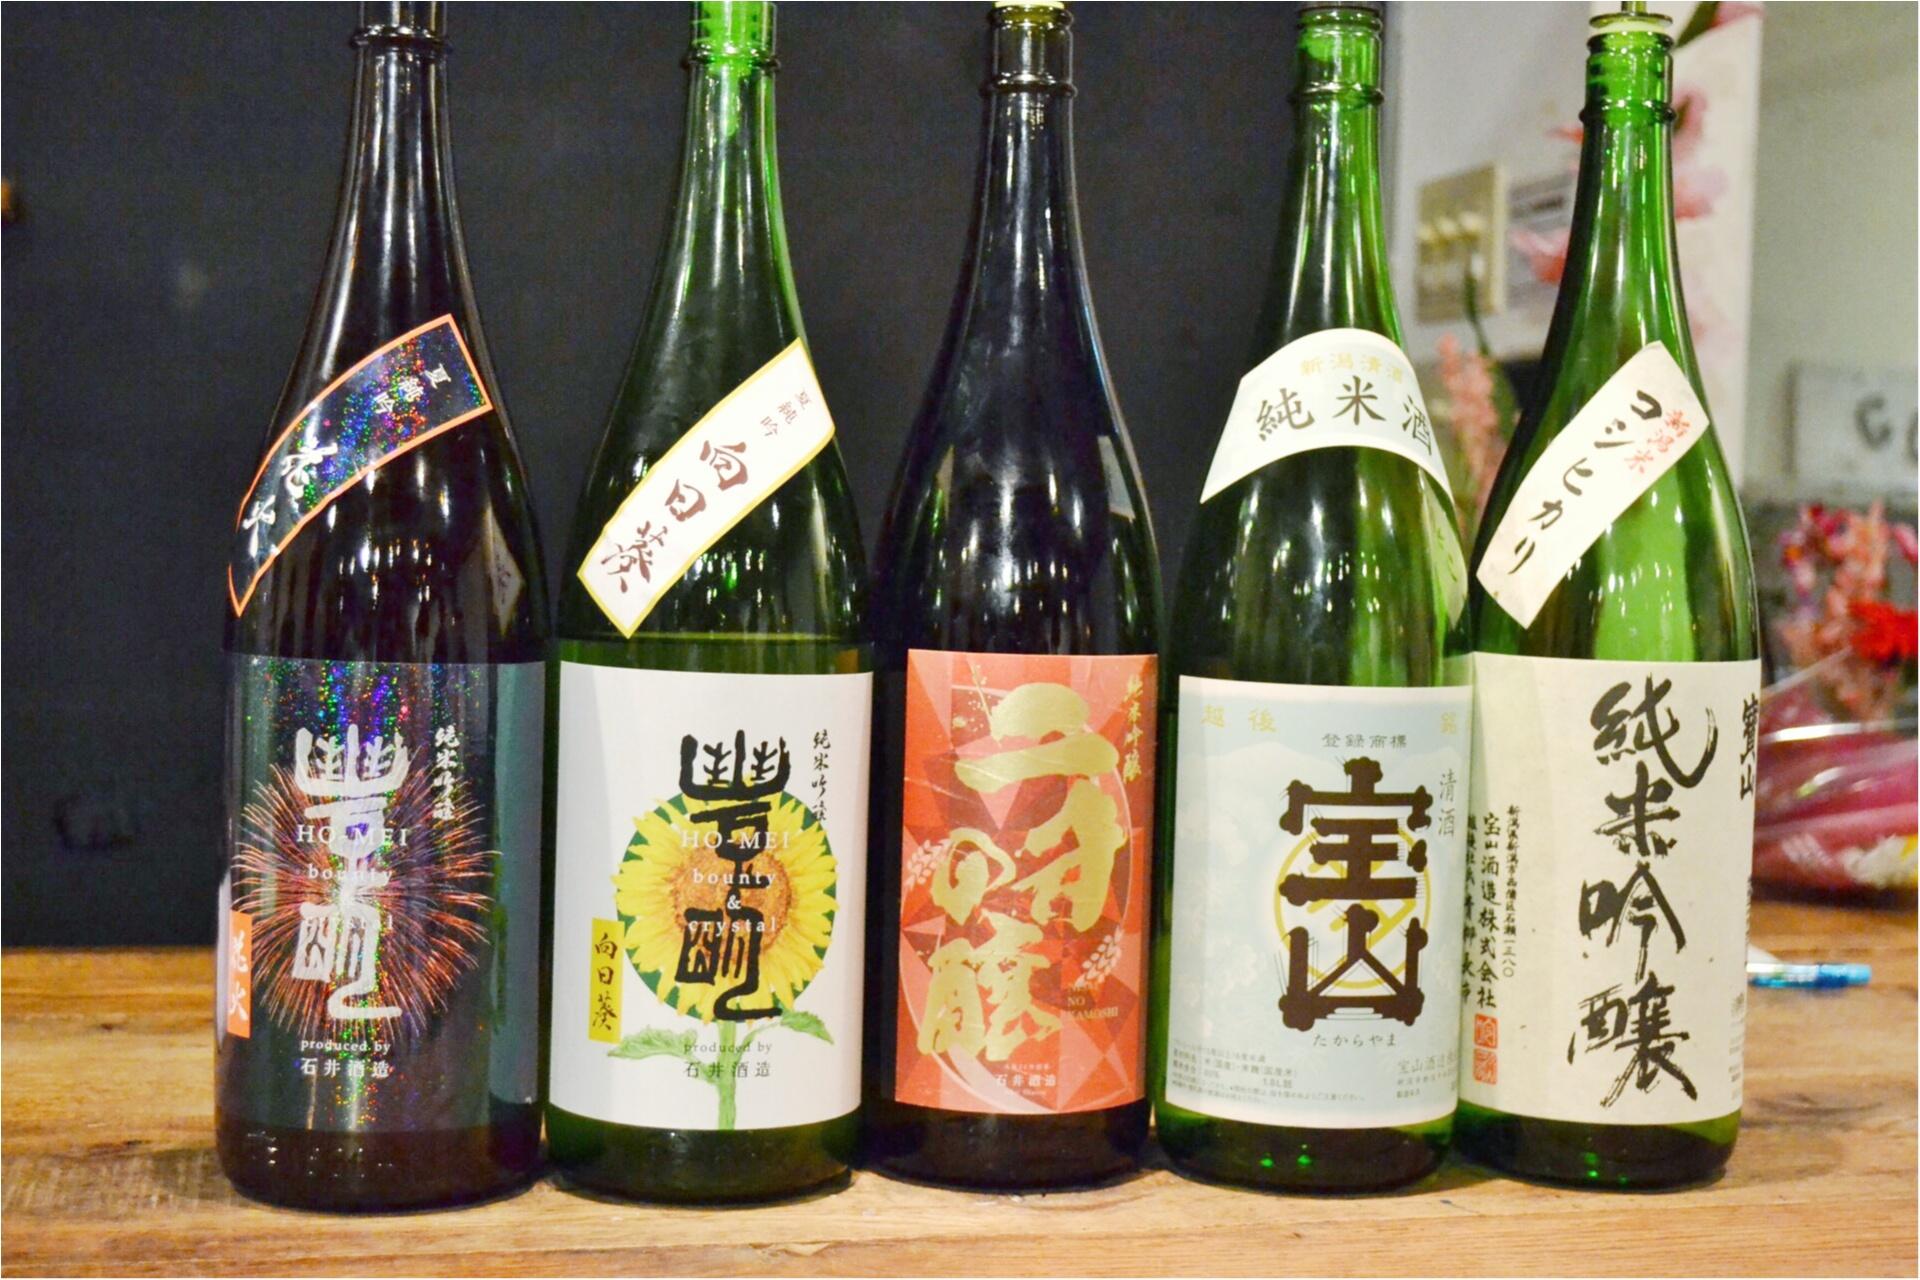 20代だけで作られた前代未聞の日本酒『二才の醸』を知っていますか?_1